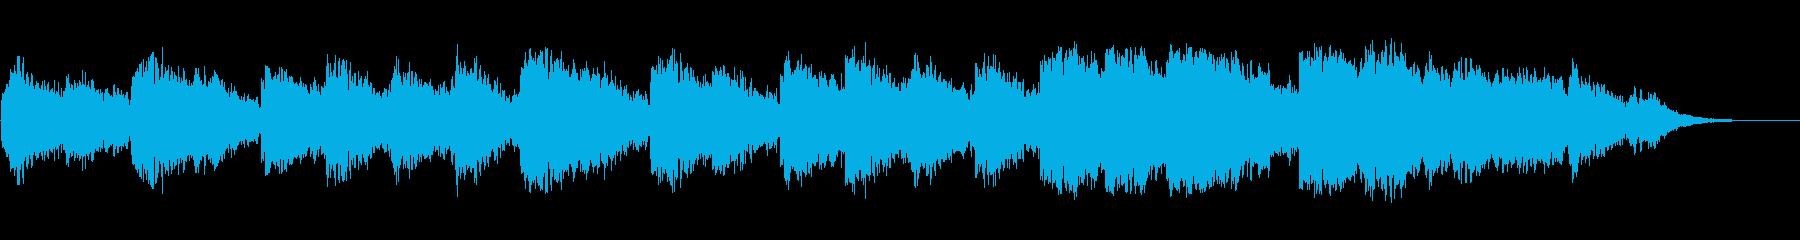 アコースティックギターの広がりのある楽曲の再生済みの波形